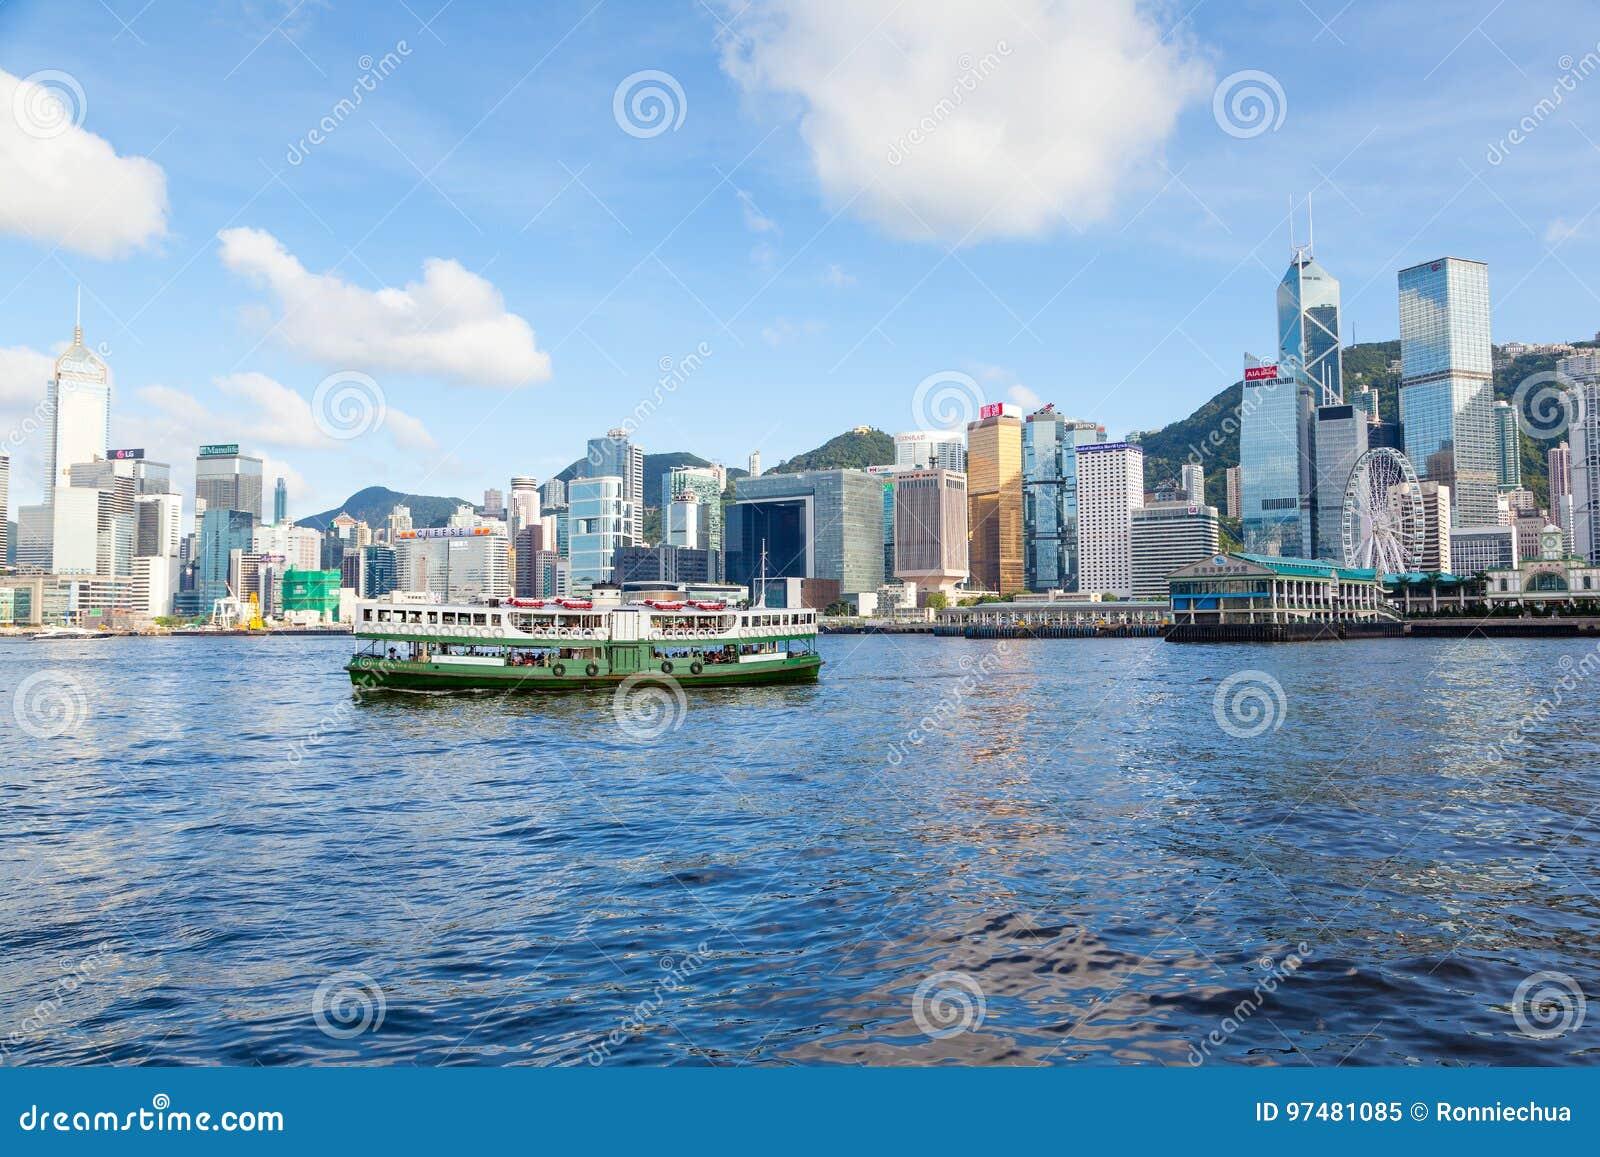 Il traghetto attraversa Victoria Harbor in Hong Kong